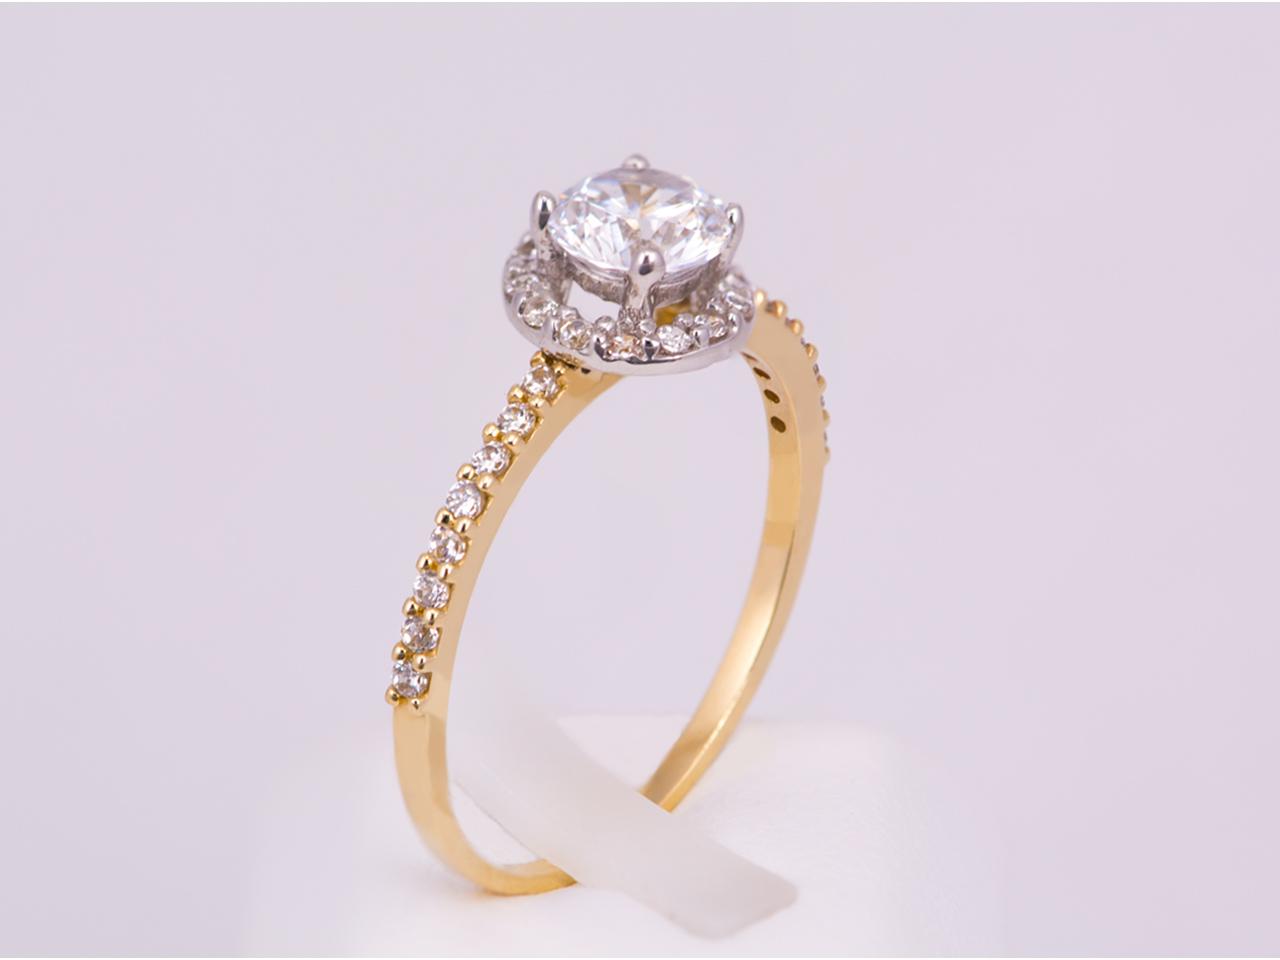 Μονόπετρο δαχτυλίδι χρυσό Κ14 με ζιργκόν  73ddca3a479